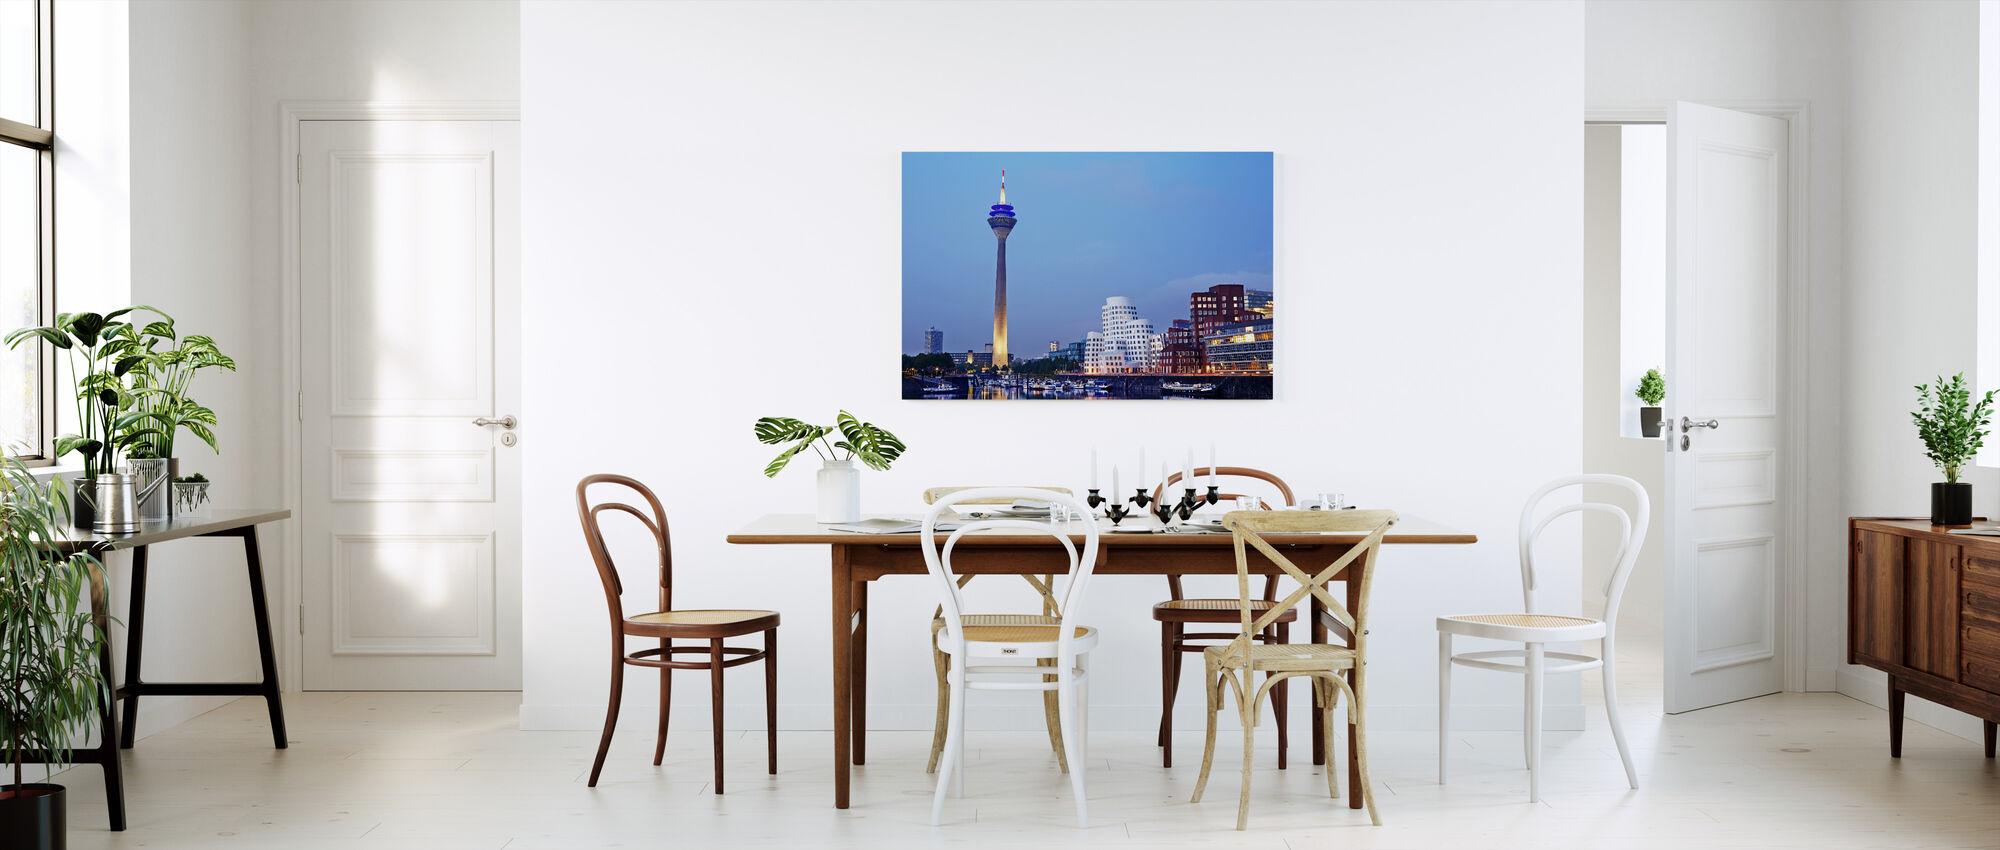 Düsseldorf's Rheinturm Tower at Dusk - Canvas print - Kitchen